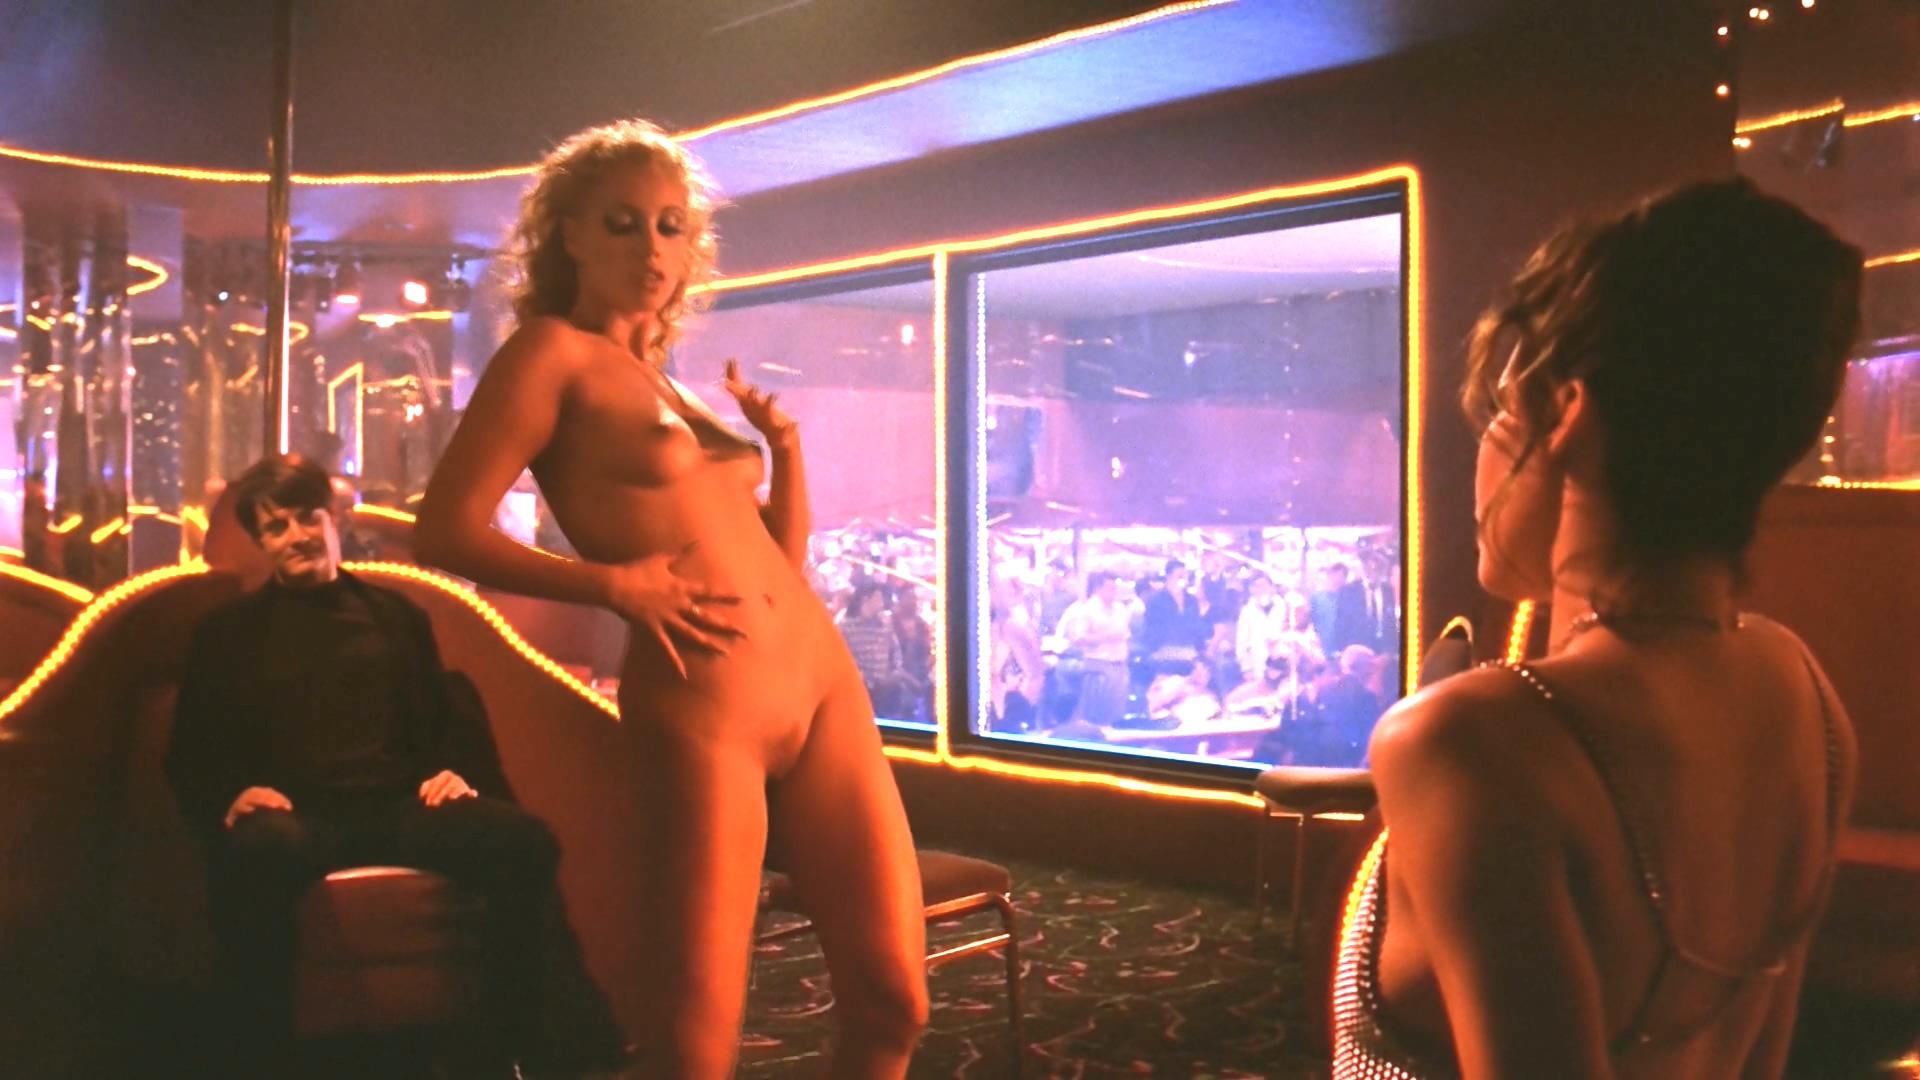 Порно видео с эвелин из шоу герлз, крупные секси девушки